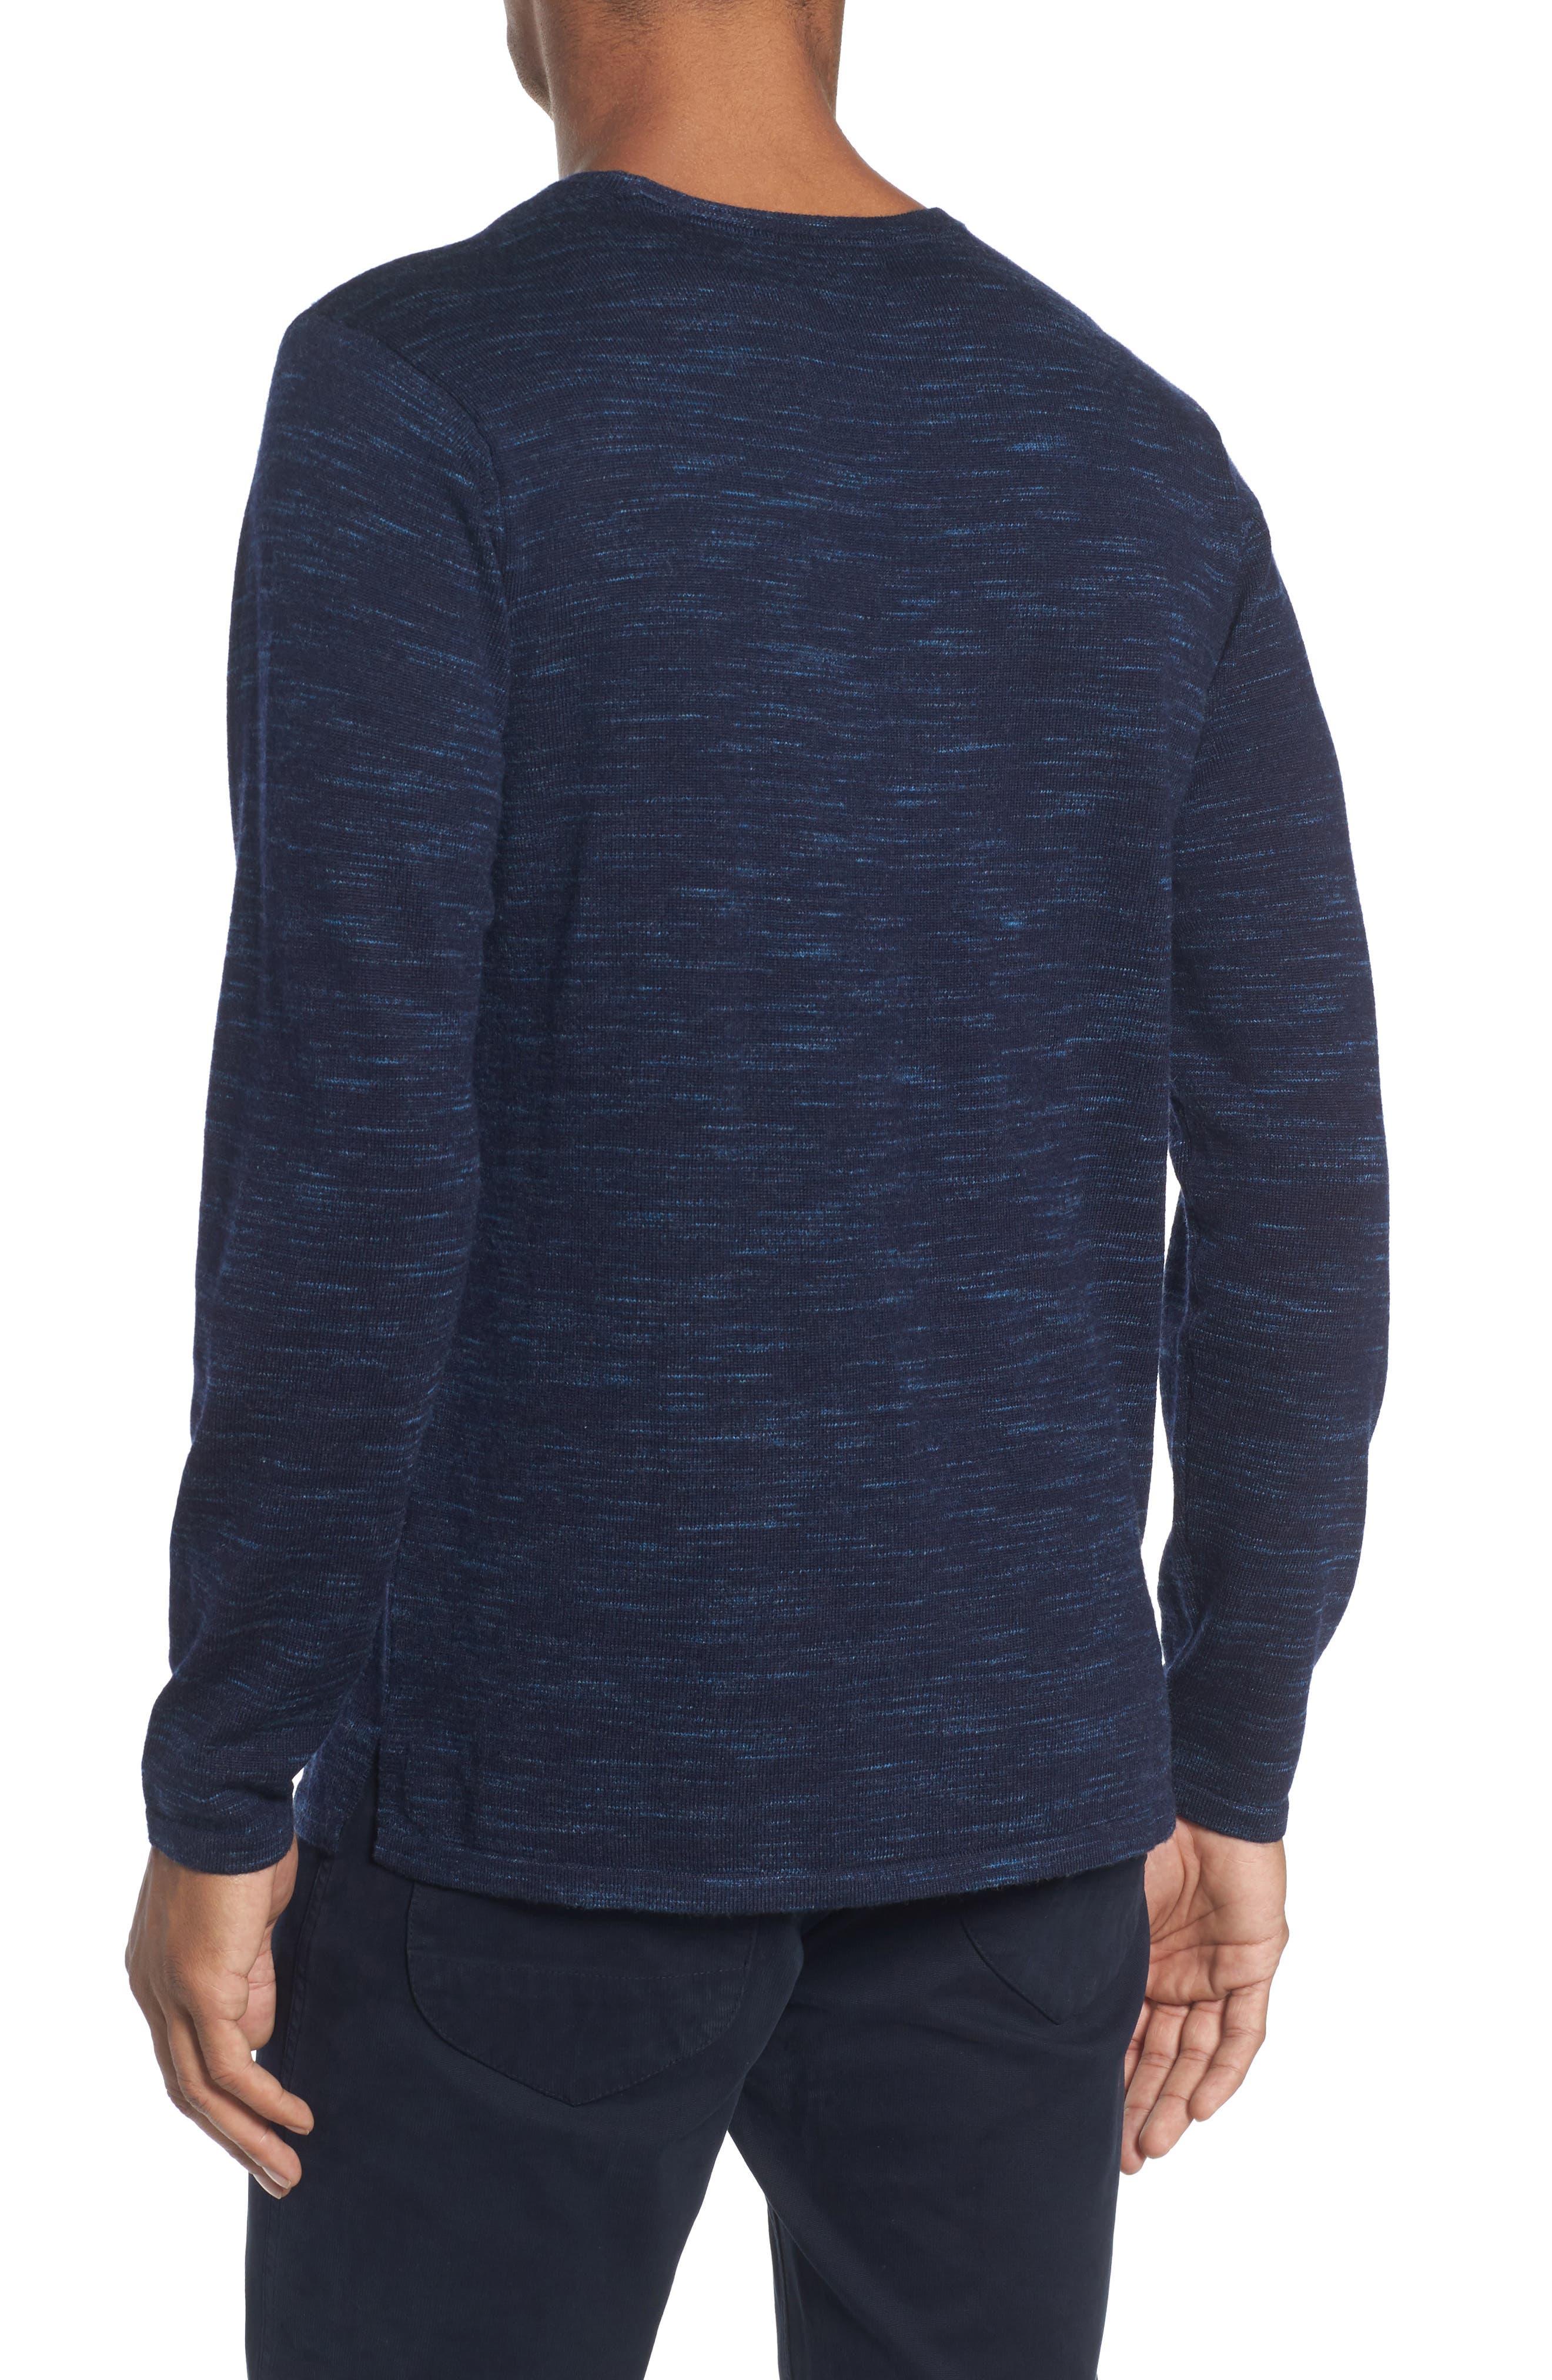 Merino Wool T-Shirt,                             Alternate thumbnail 2, color,                             Stridden Blazer